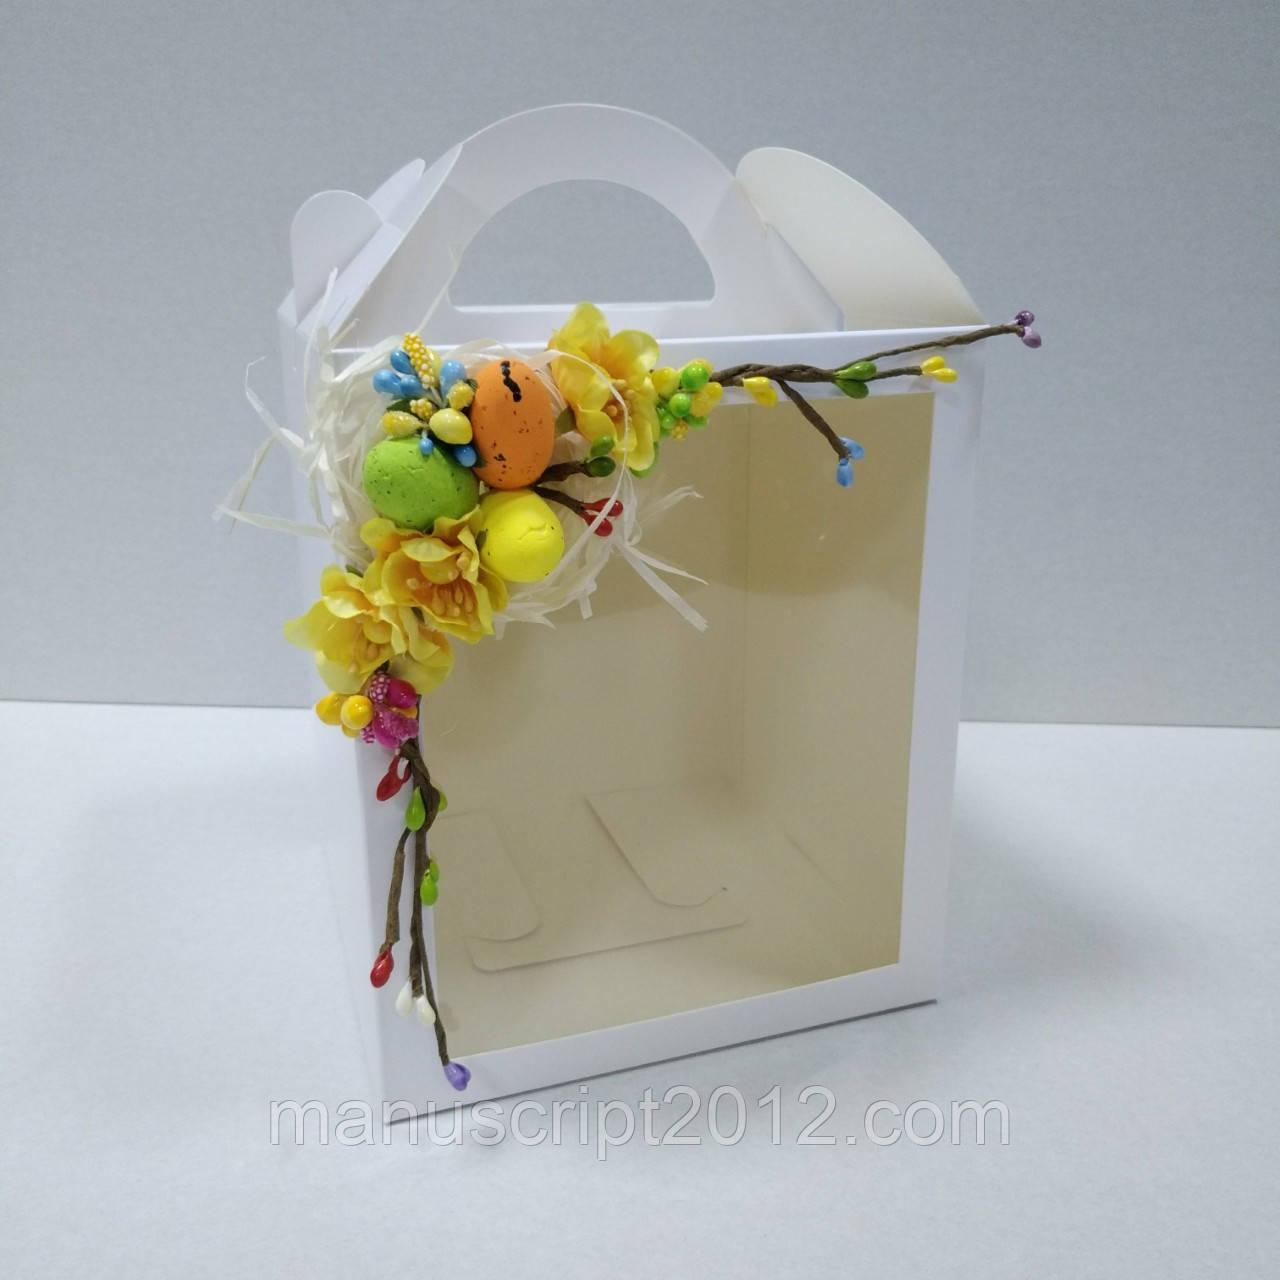 Коробка для кулича, пряничных домов и подарков с декором (160*160*190 мм)